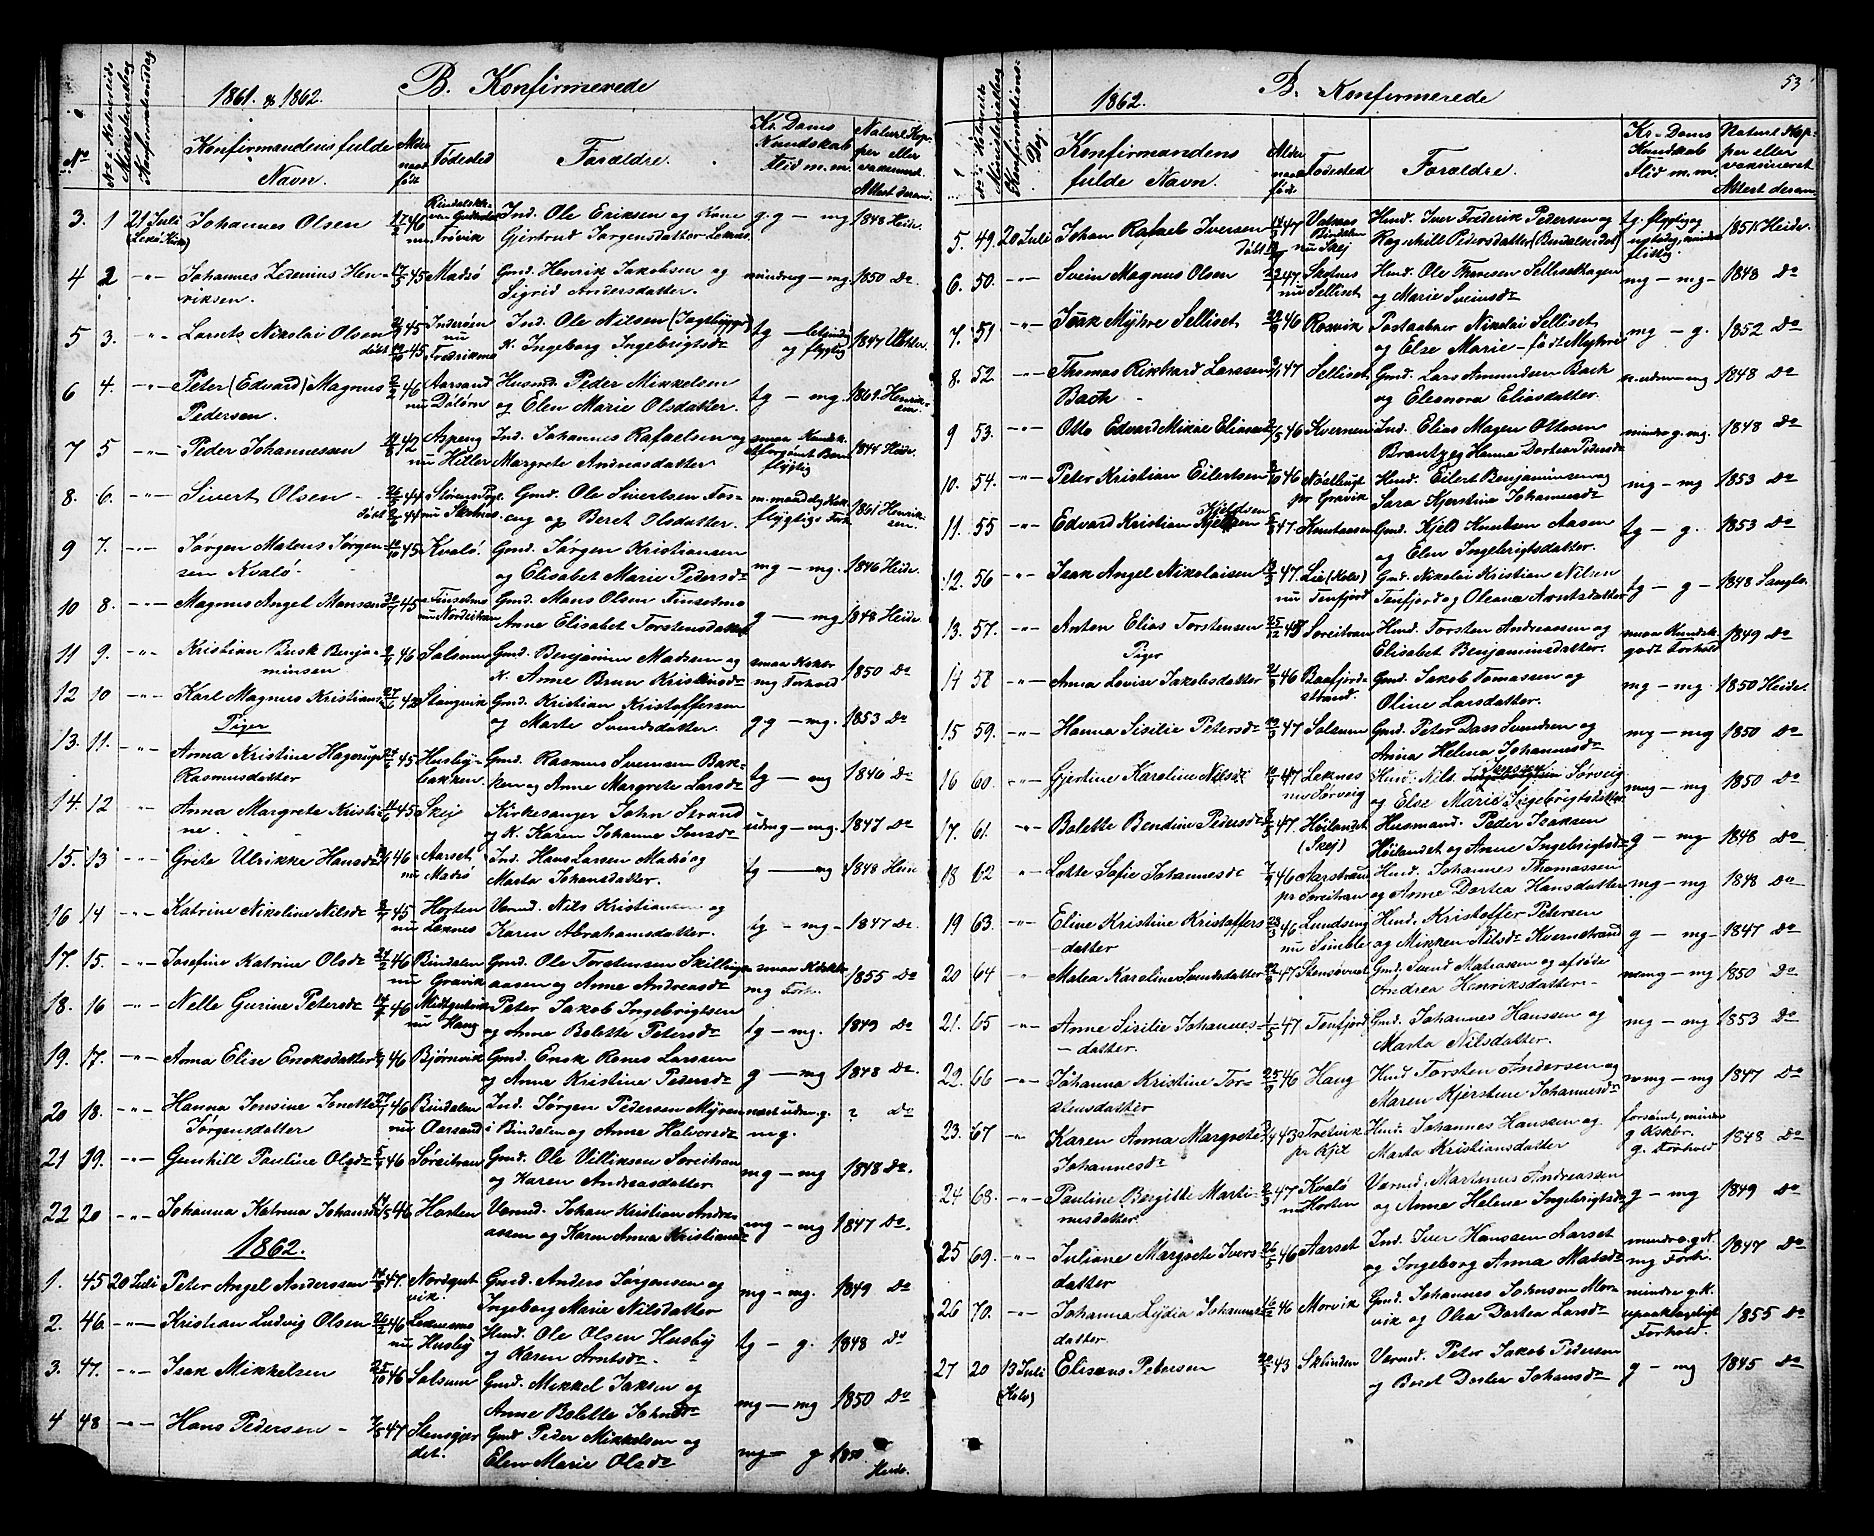 SAT, Ministerialprotokoller, klokkerbøker og fødselsregistre - Nord-Trøndelag, 788/L0695: Ministerialbok nr. 788A02, 1843-1862, s. 53